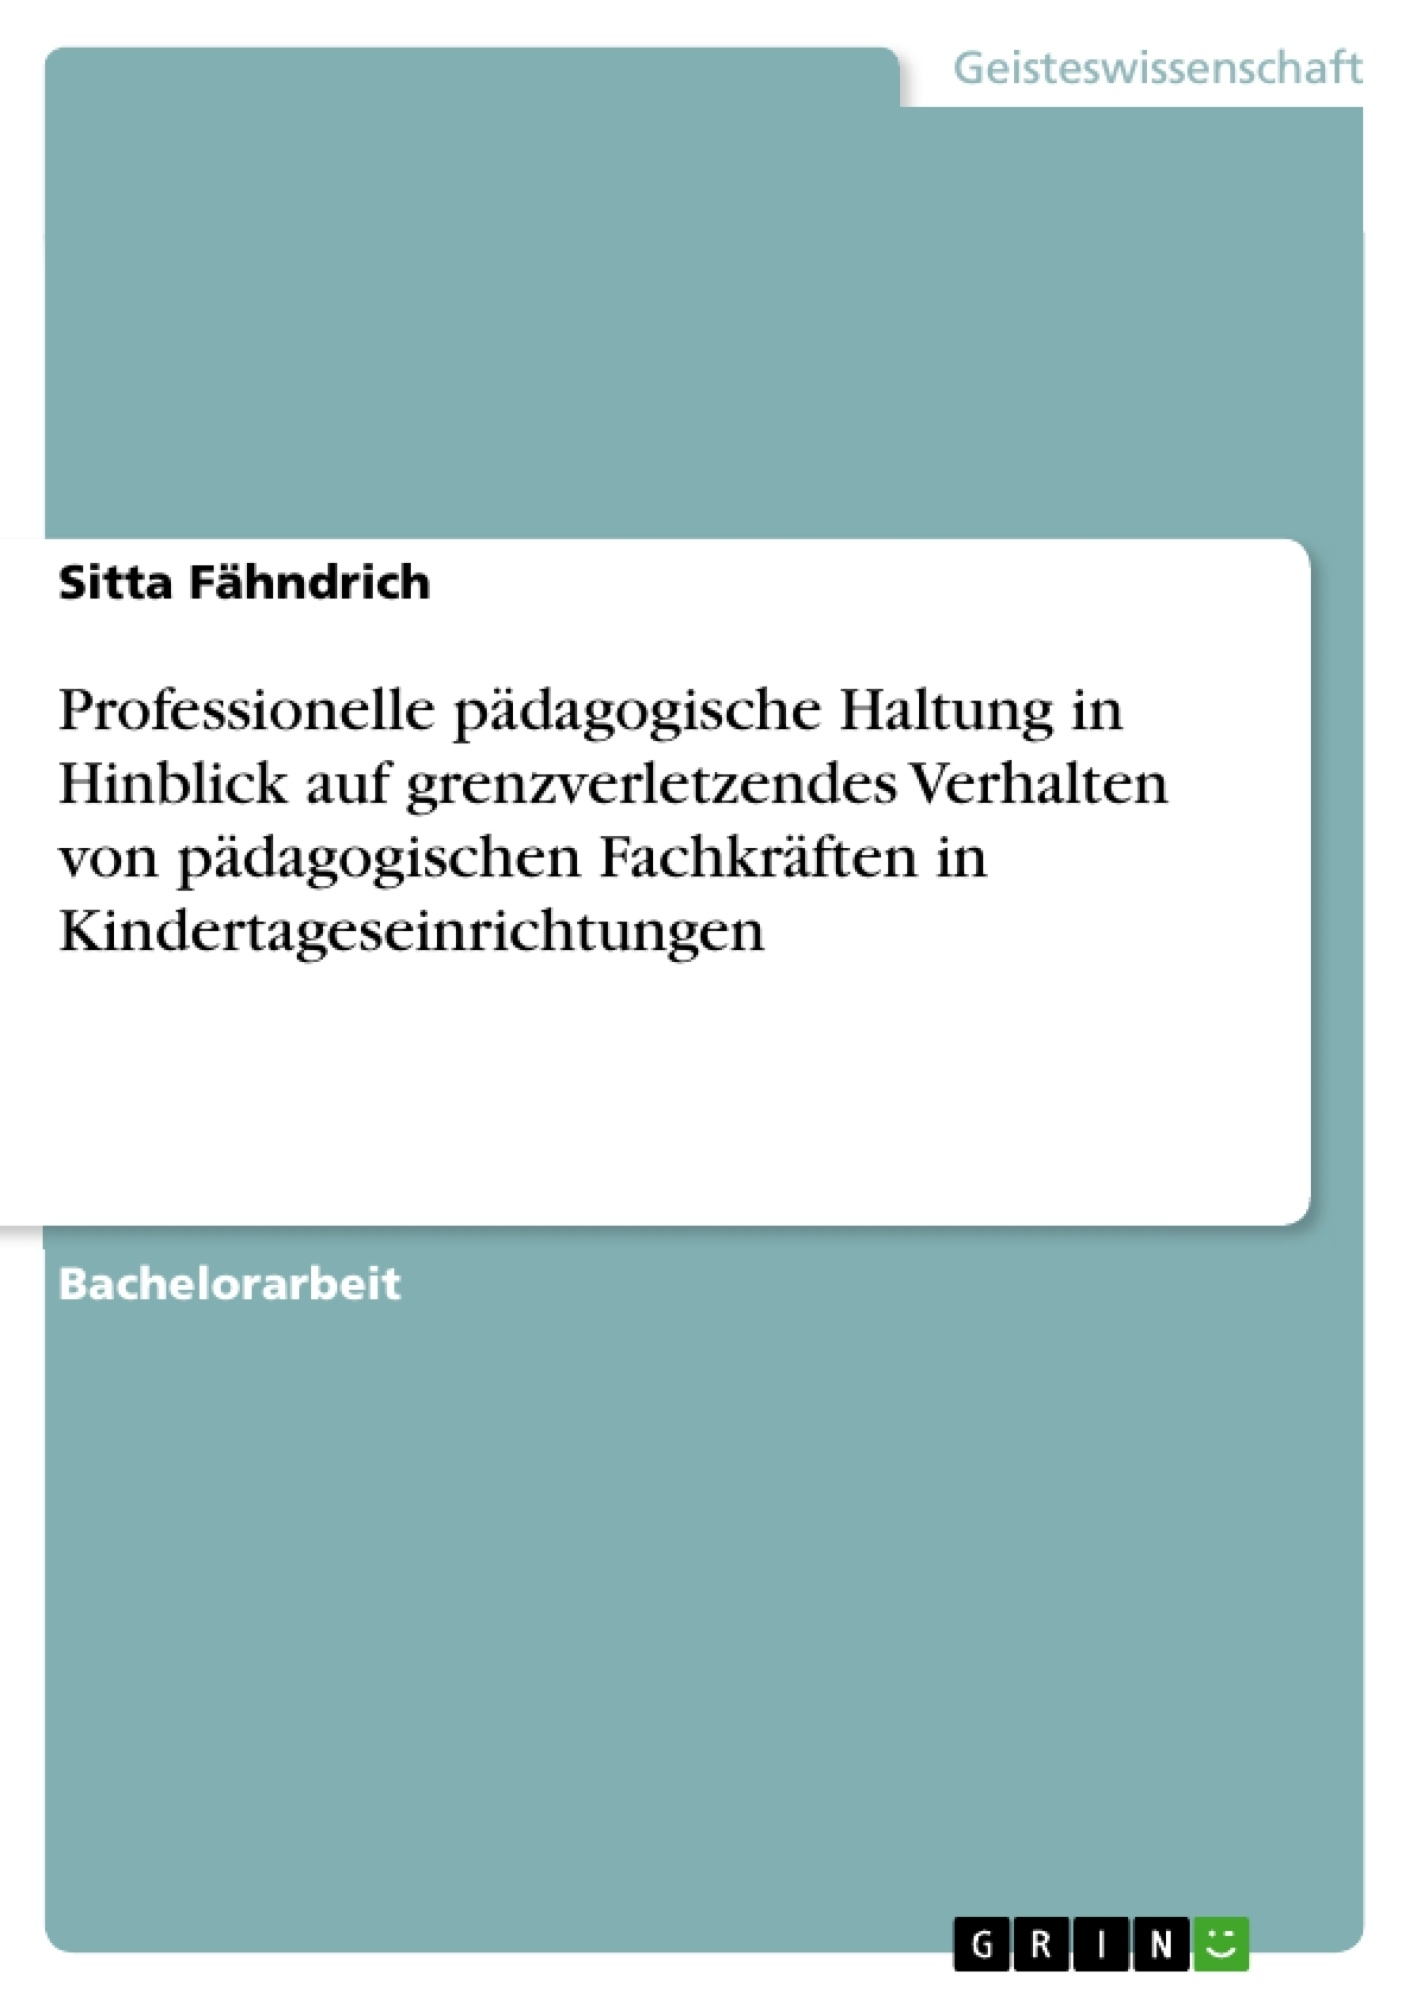 Titel: Professionelle pädagogische Haltung in Hinblick auf grenzverletzendes Verhalten von pädagogischen Fachkräften in Kindertageseinrichtungen